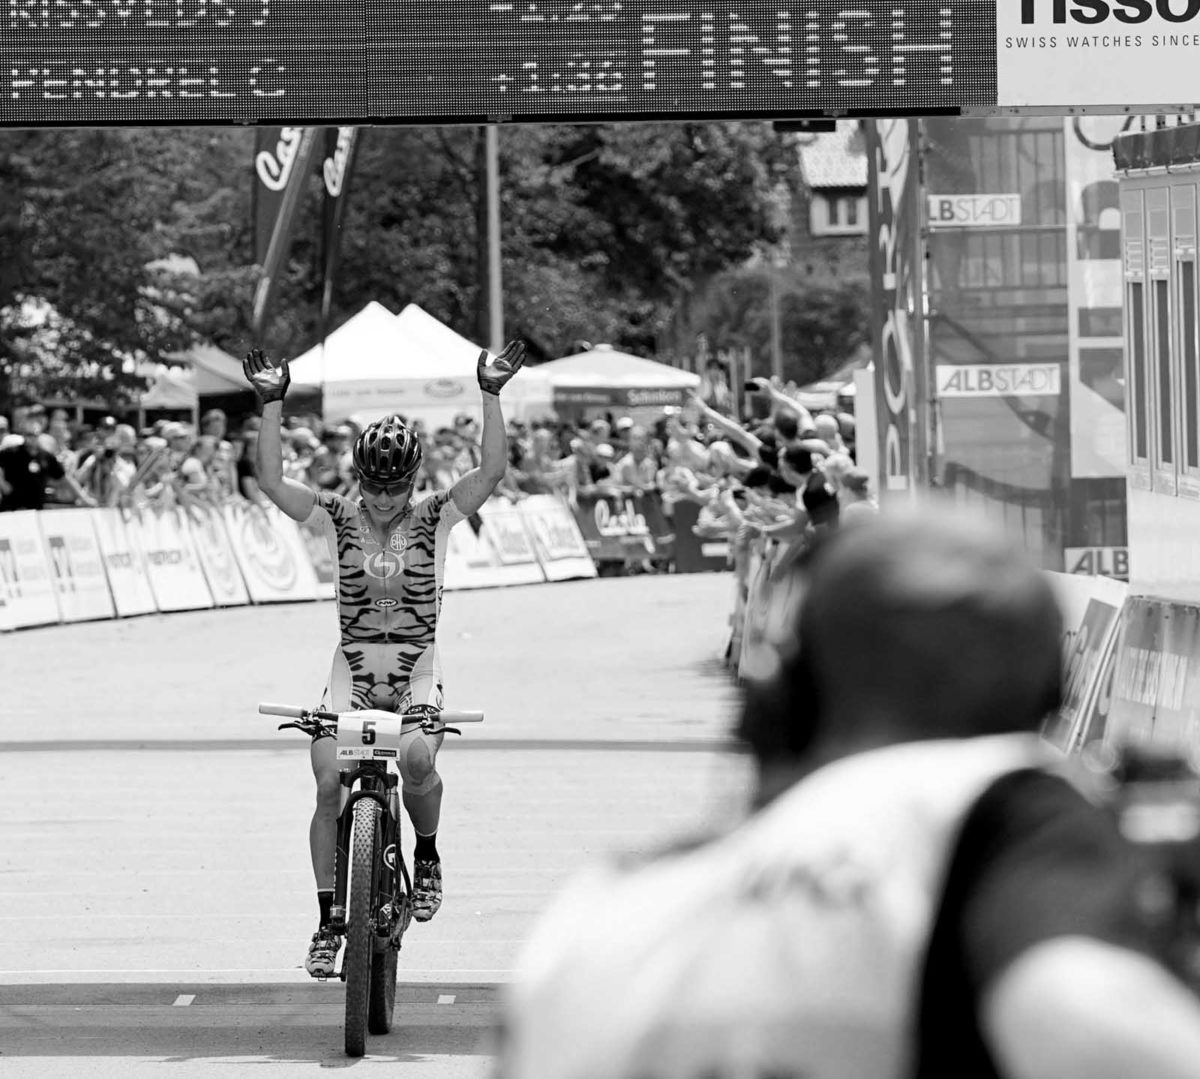 Sportfotografie-München-Mountainbike-MT-Frau-Jubel-Zieleinfahrt-Cross-Country-Rennen-schwarz-weiss